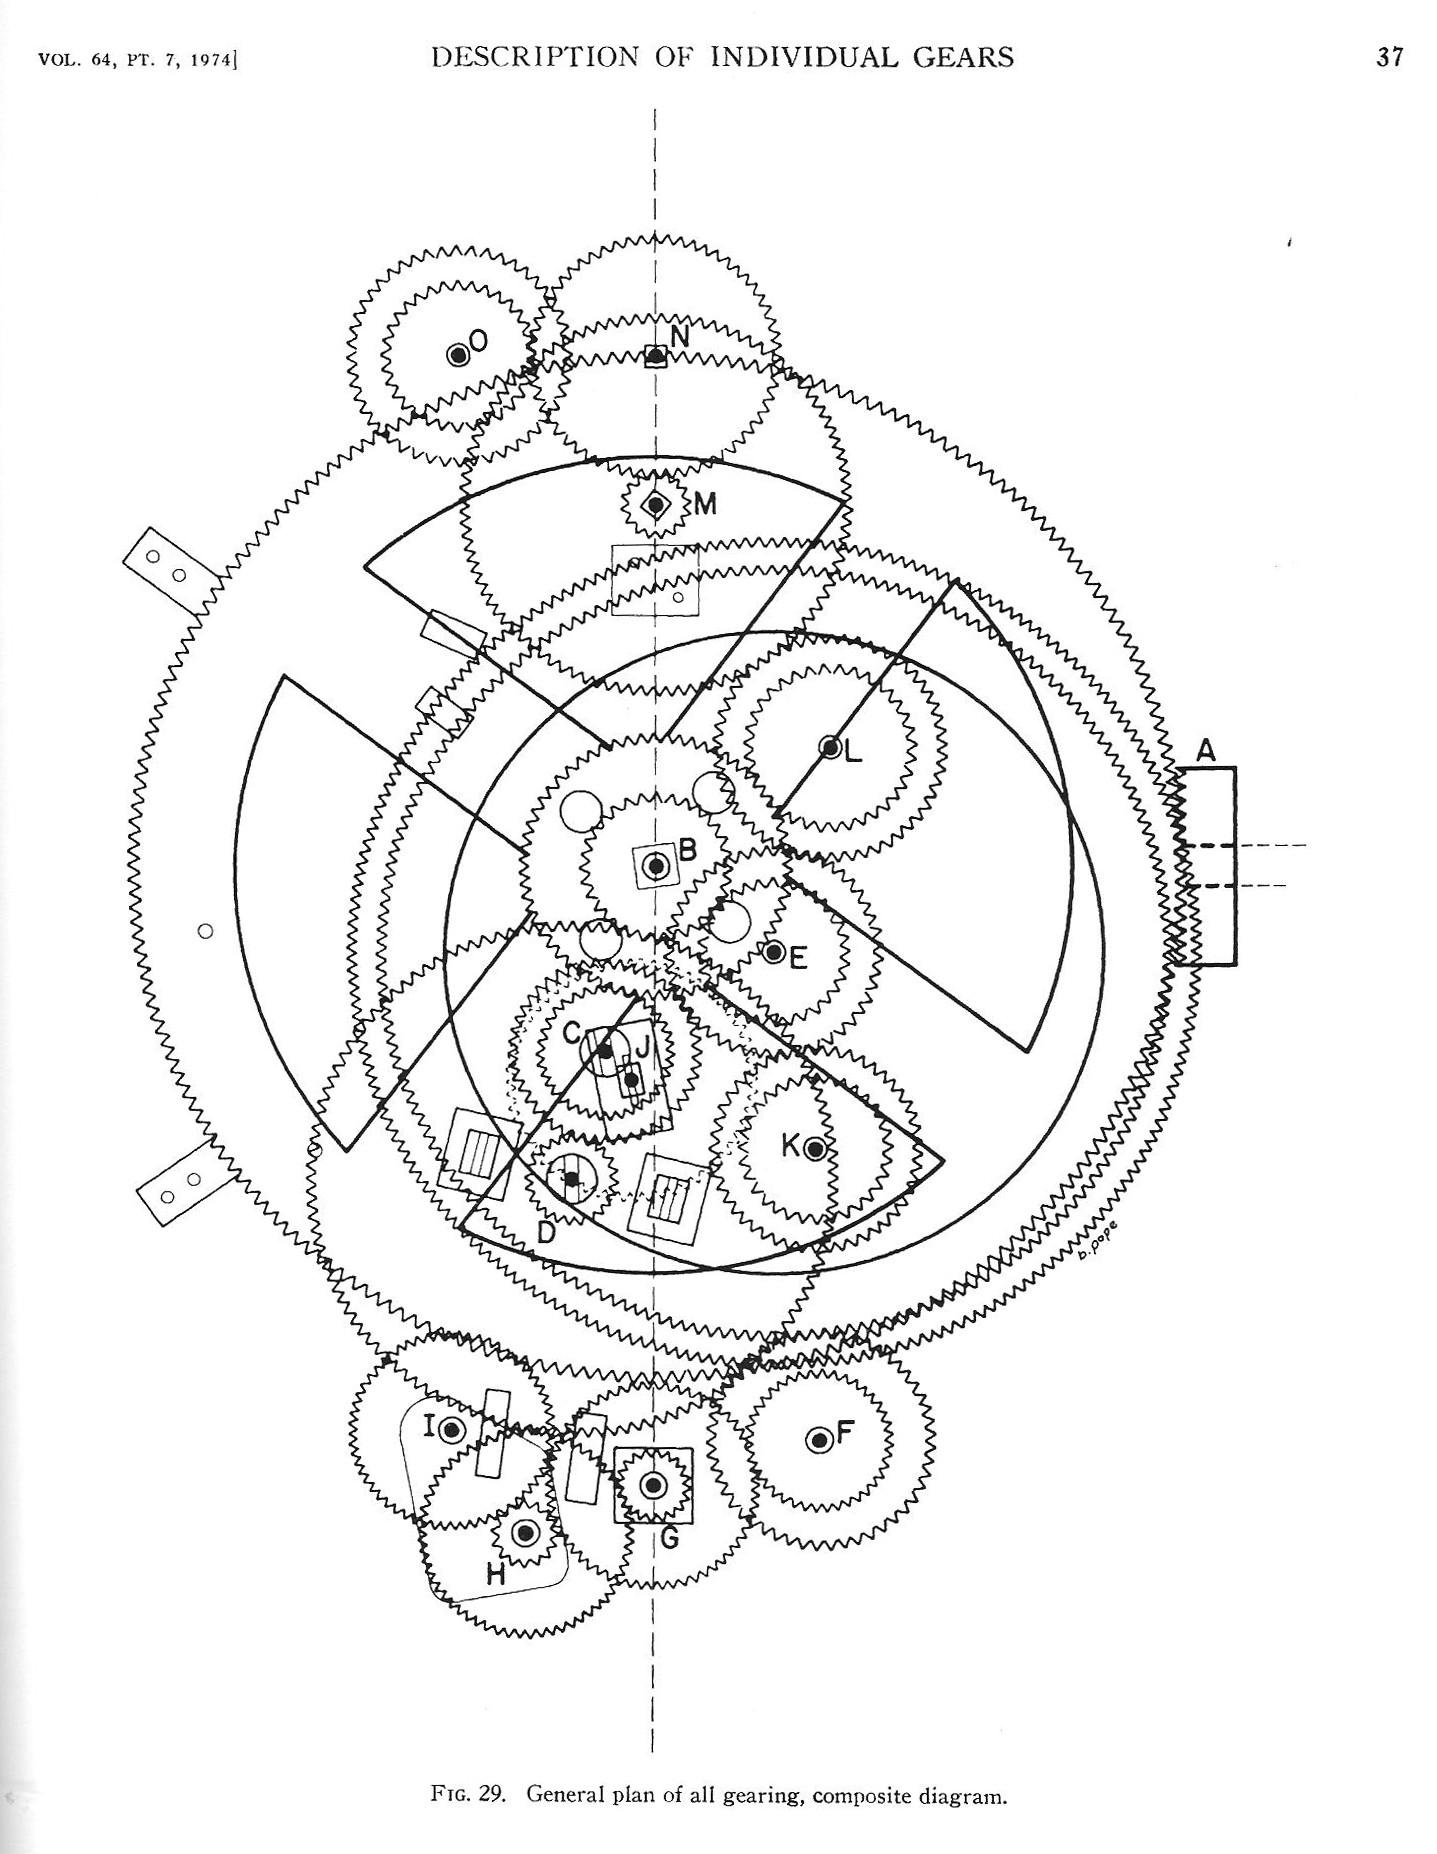 Simple Gear Drawing At Getdrawings